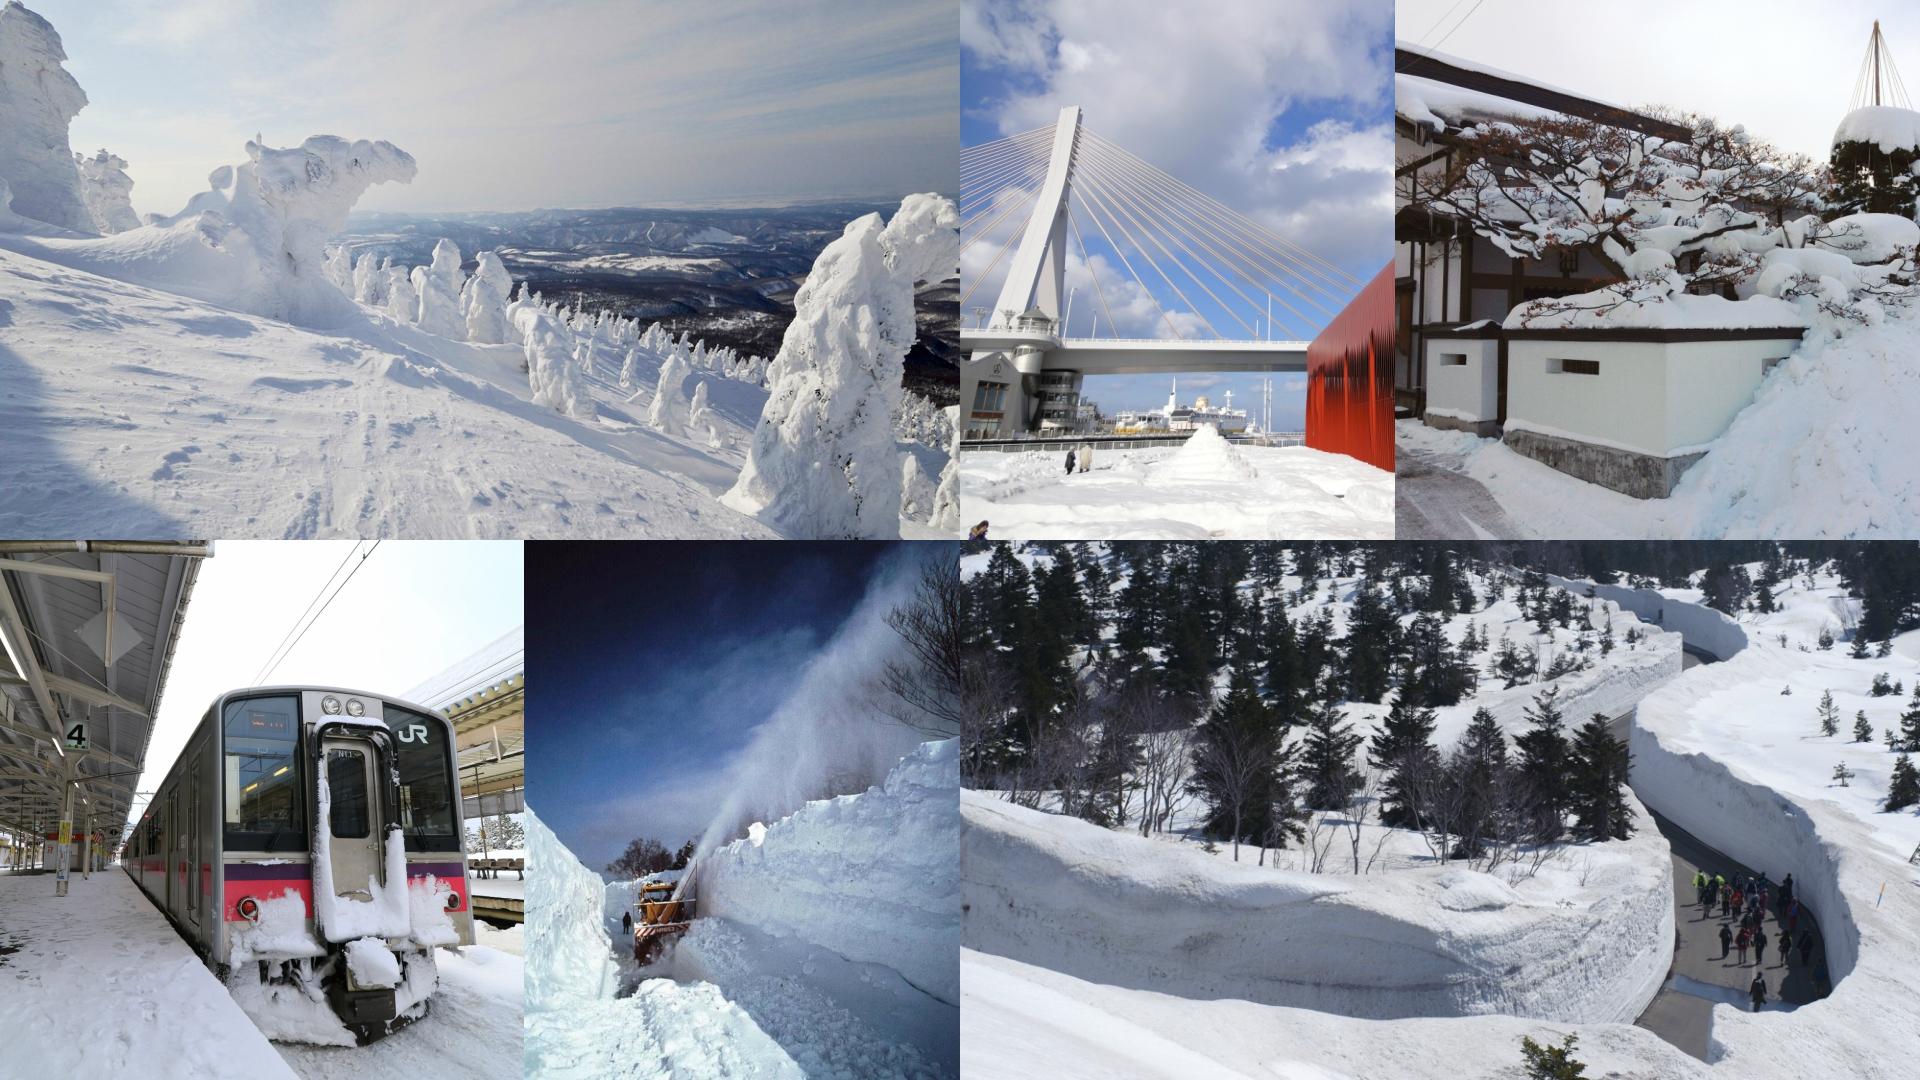 Самые снежные точки планеты, вкоторых можно поездить наавтомобиле. Фото 12